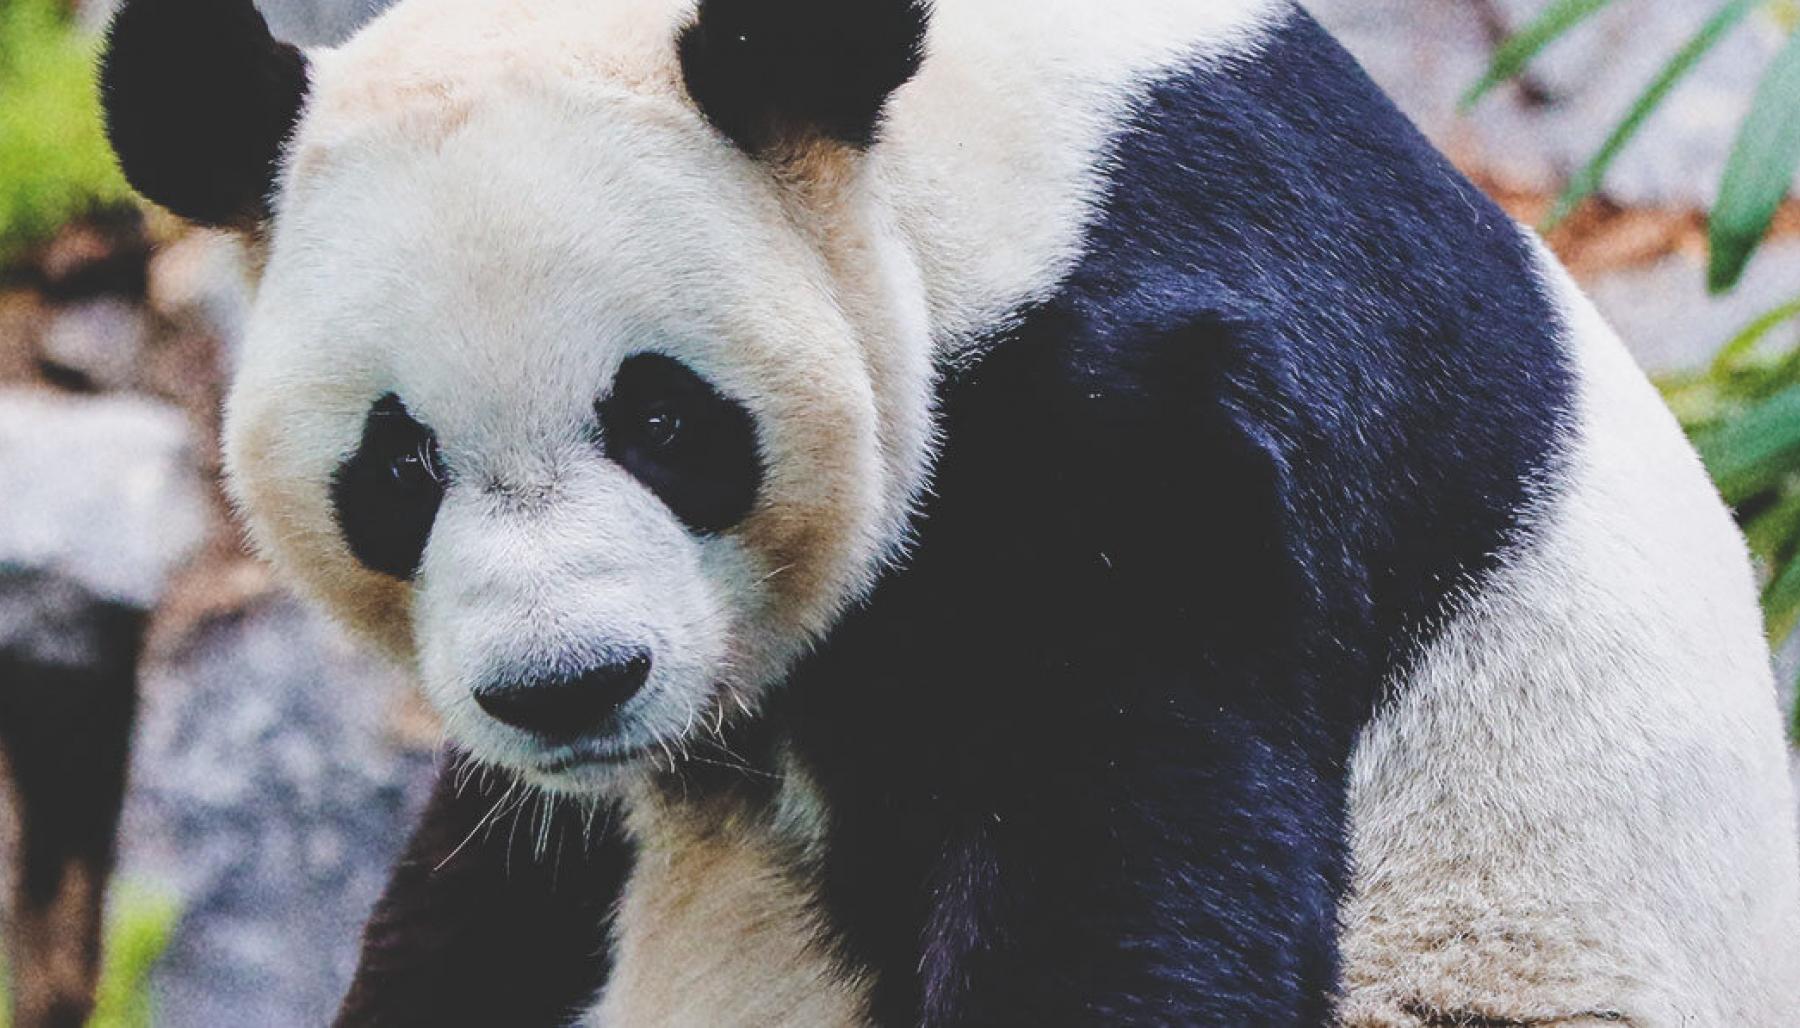 Panda Fun Facts | Tourism Calgary